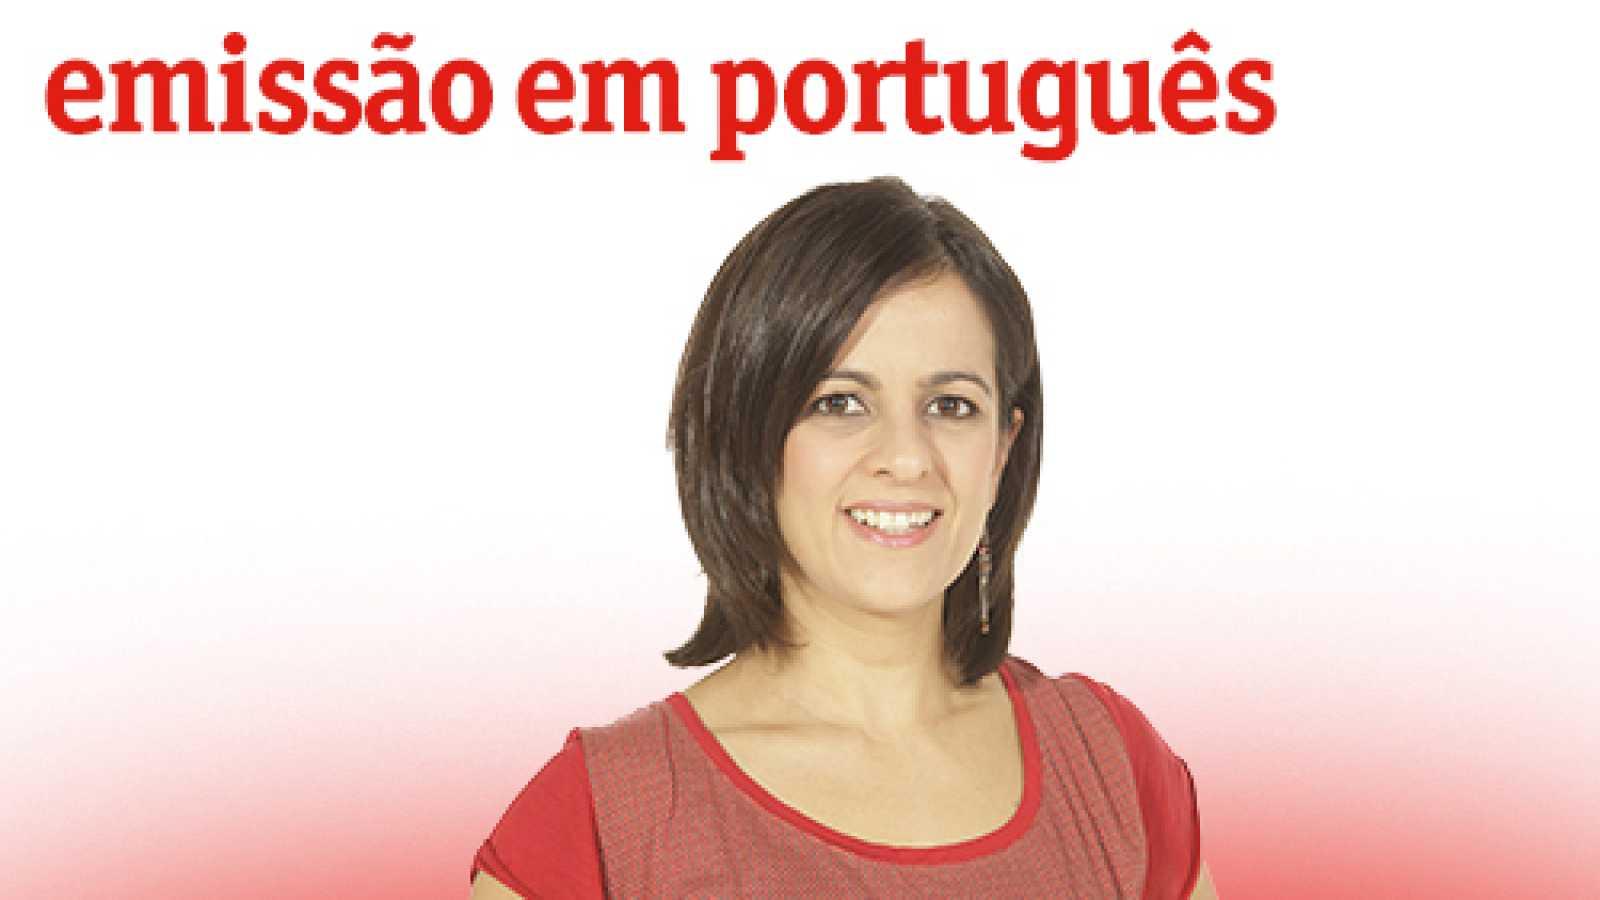 Emissão em português - Conhecemos a cidade andaluza de Jaén - 28/10/20 - escuchar ahora